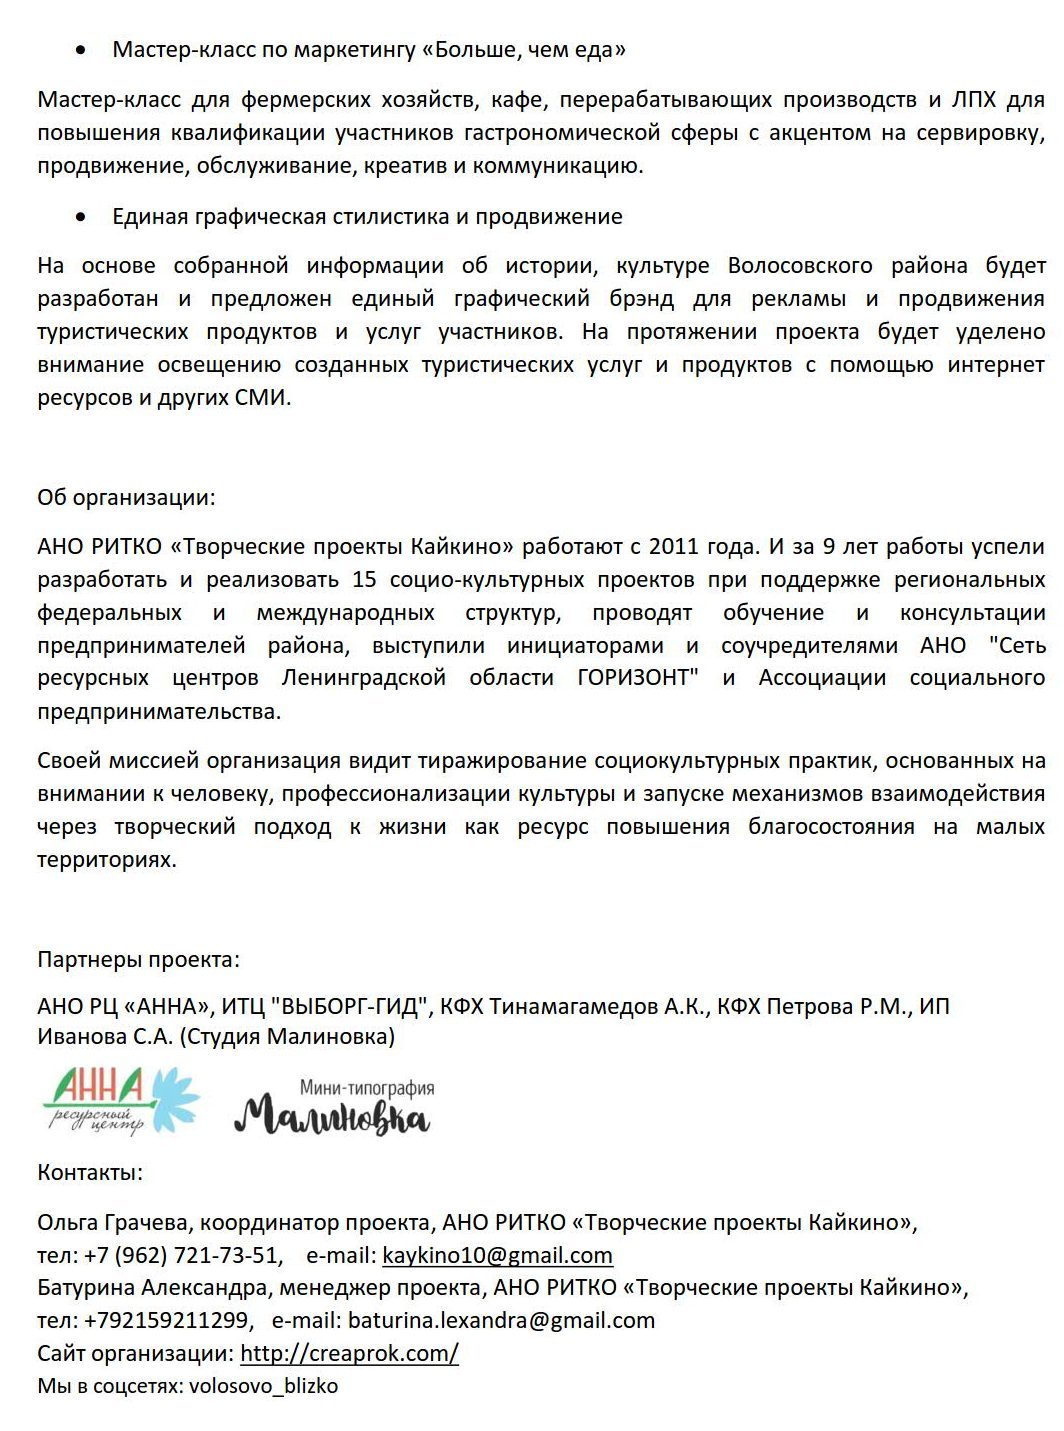 Пресс-релиз_Близкие открытия_с пригл.31.03_2